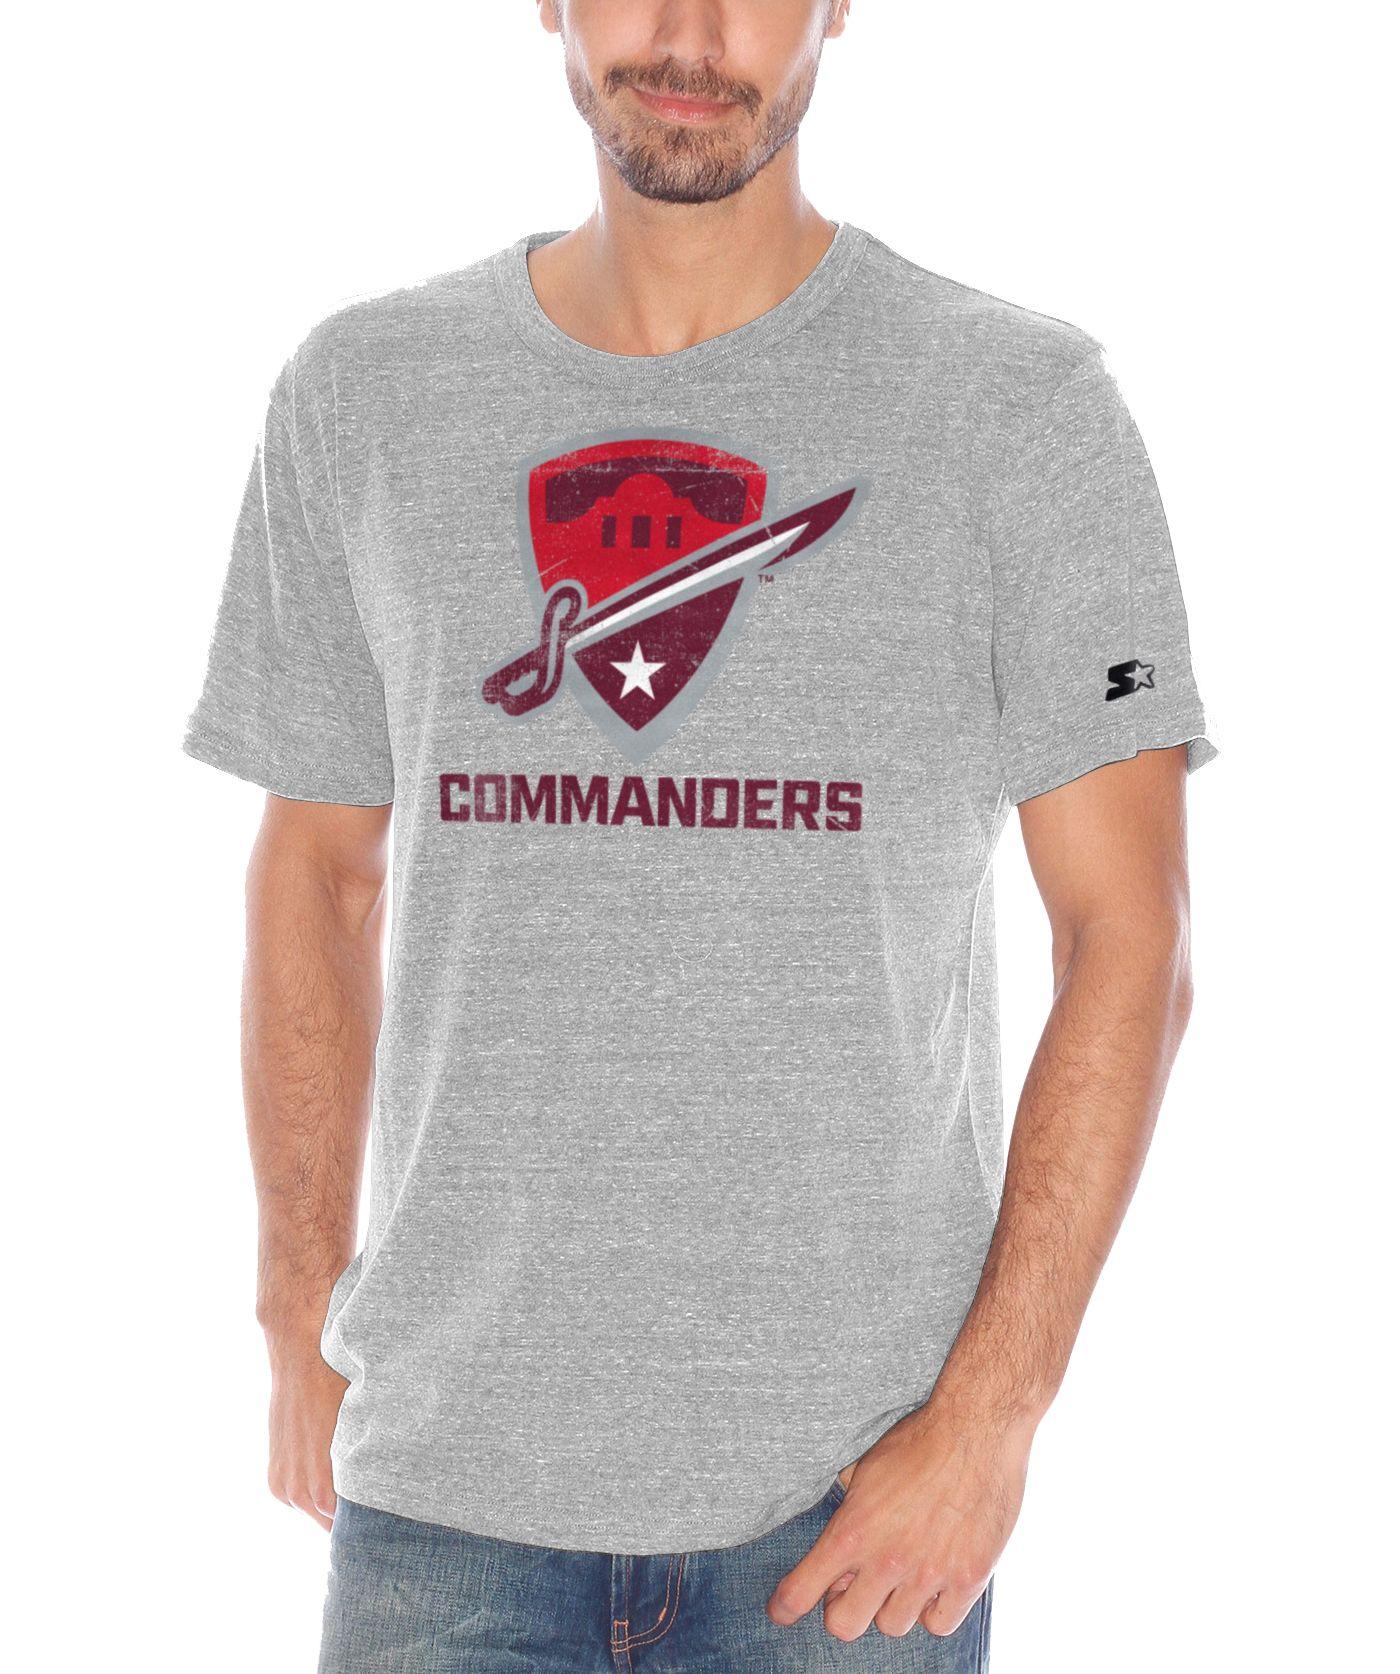 Starter Men's San Antonio Commanders Champs Heather Grey T-Shirt